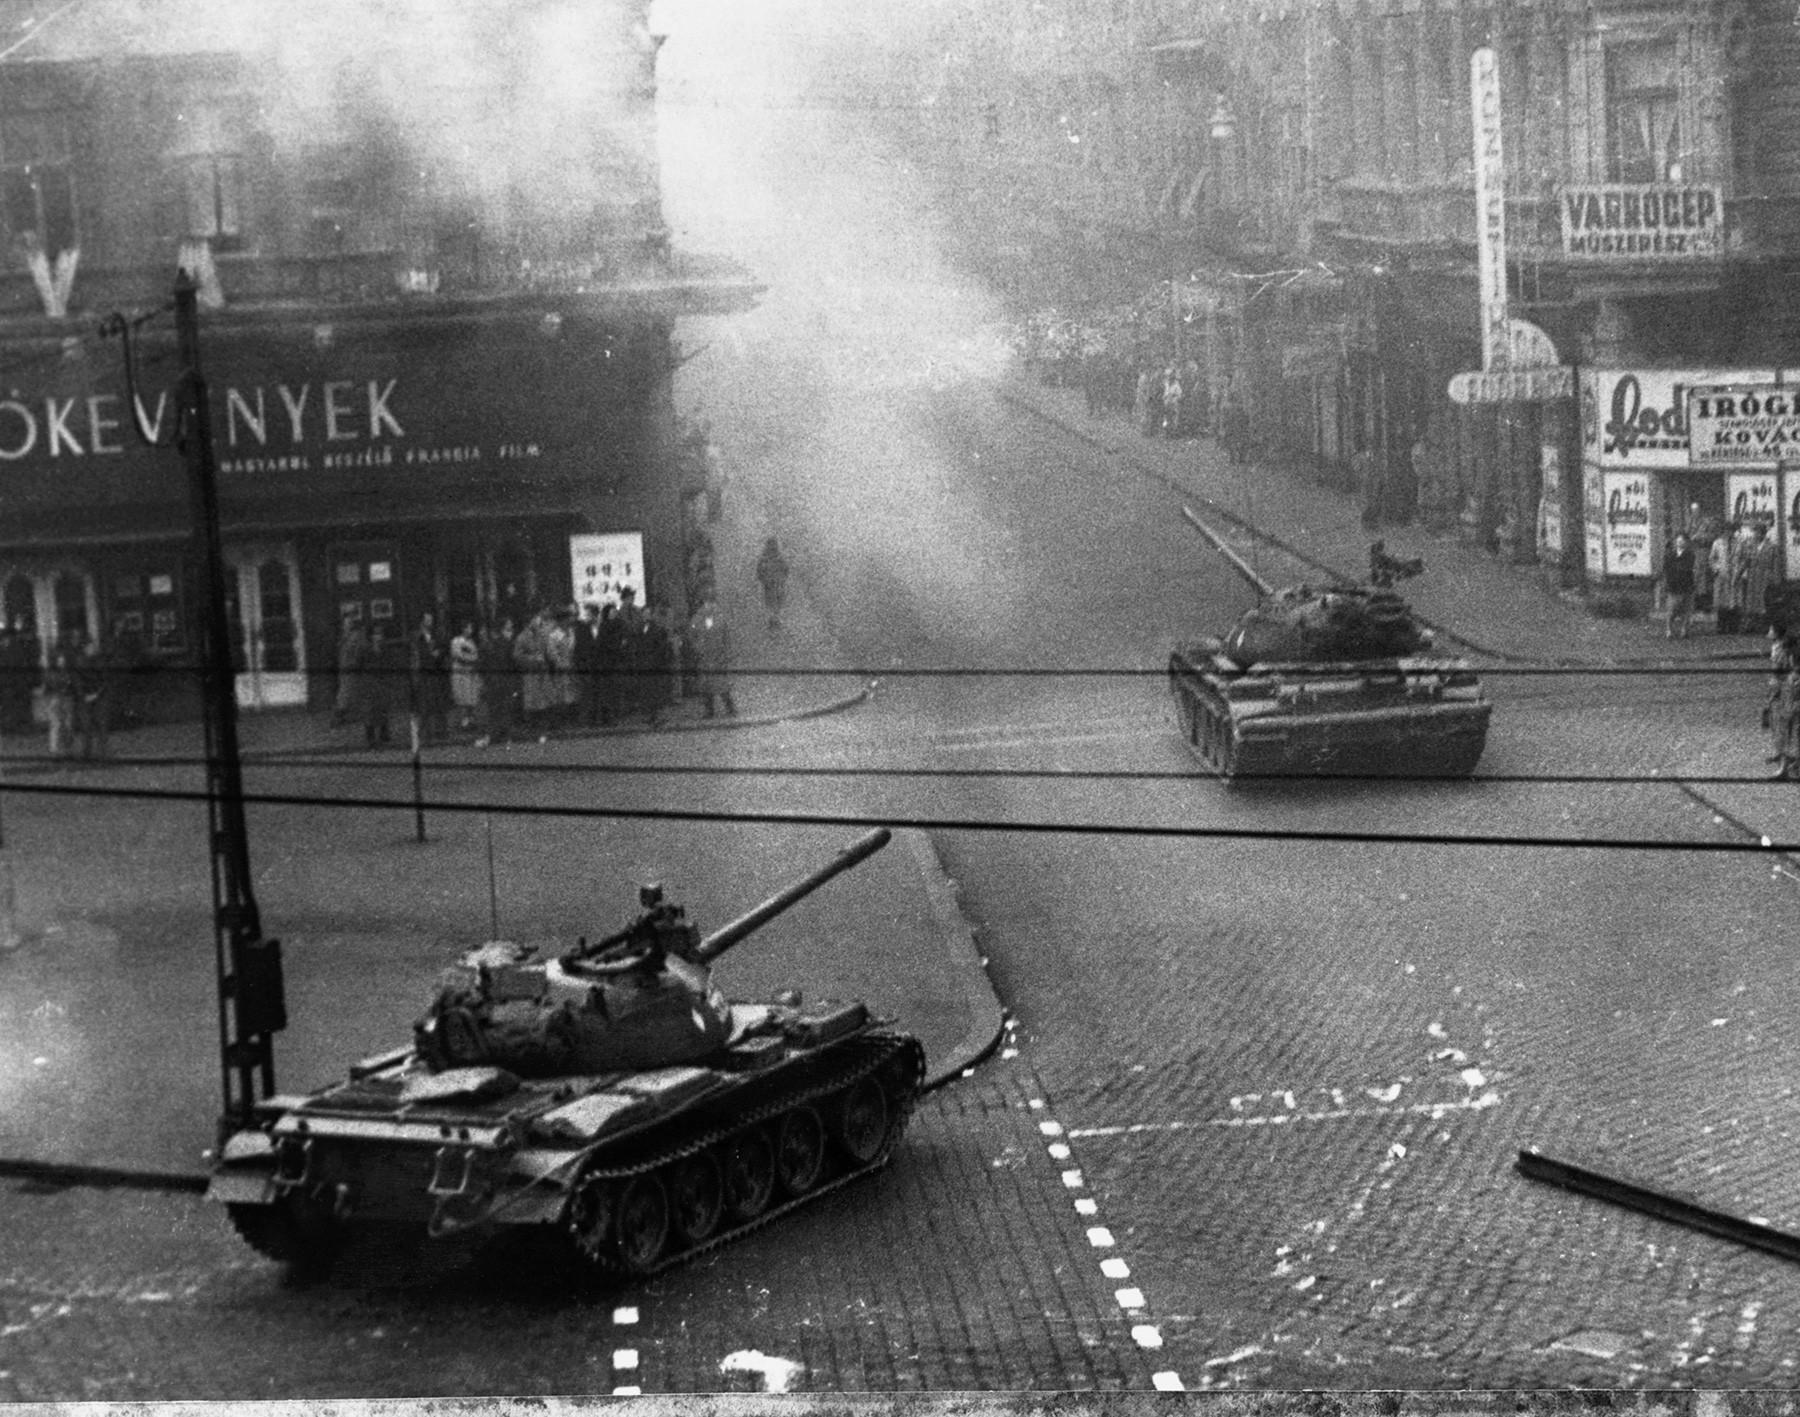 Sovjetski tanki v Budimpešti dušijo protisovjetski upor, 1956